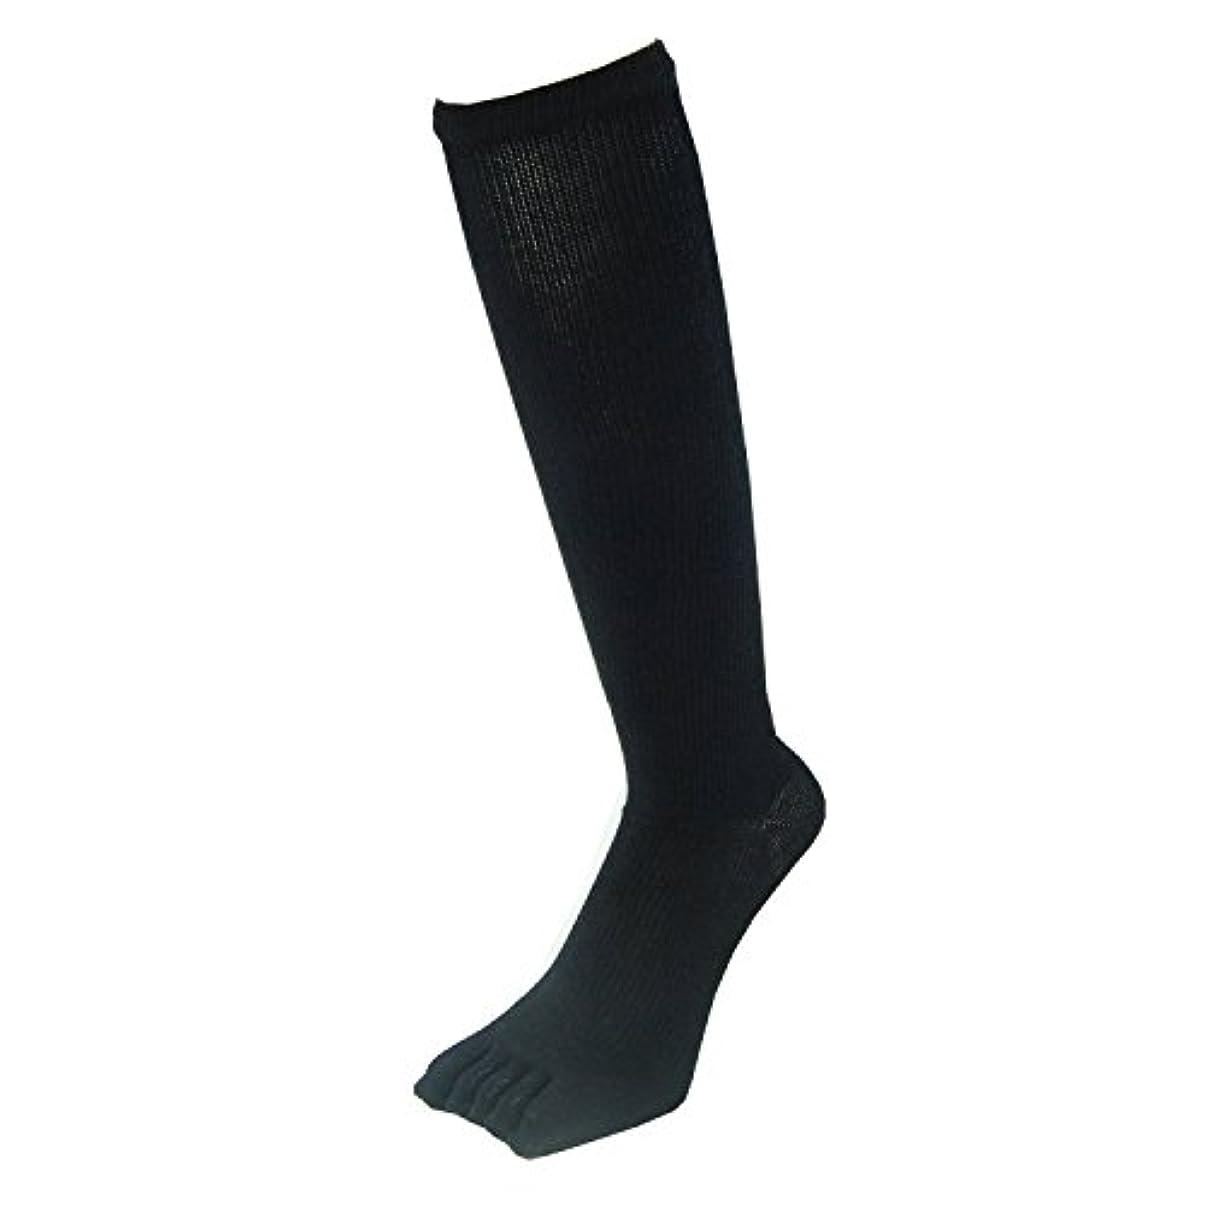 アテンダント資料高度なPAX-ASIAN 紳士?メンズ 五本指ハイソックス 着圧靴下 ムクミ解消 抗菌防臭 サポート 黒色?ブラック 3足組 #801